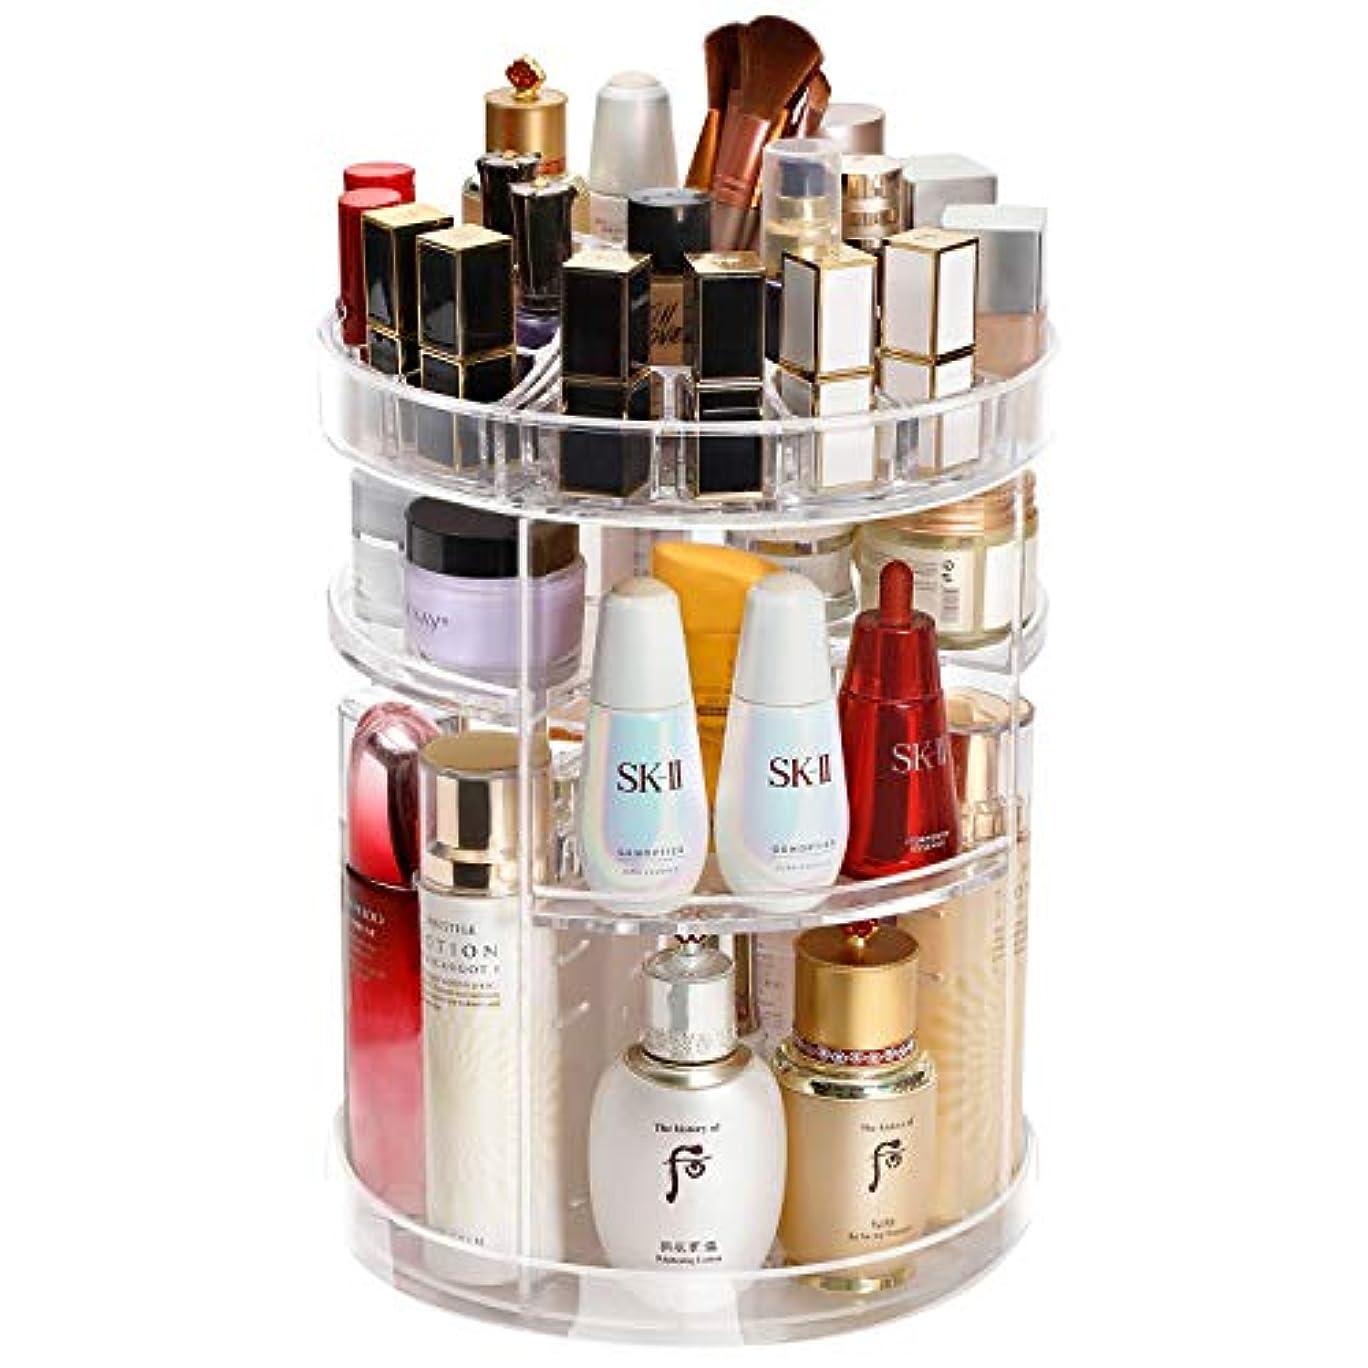 死の顎ボードピアース化粧品収納ボックス 大容量 360°回転可能 収納ボックス 耐久性 透明 口紅 コスメ 小物収納 アクリルケース